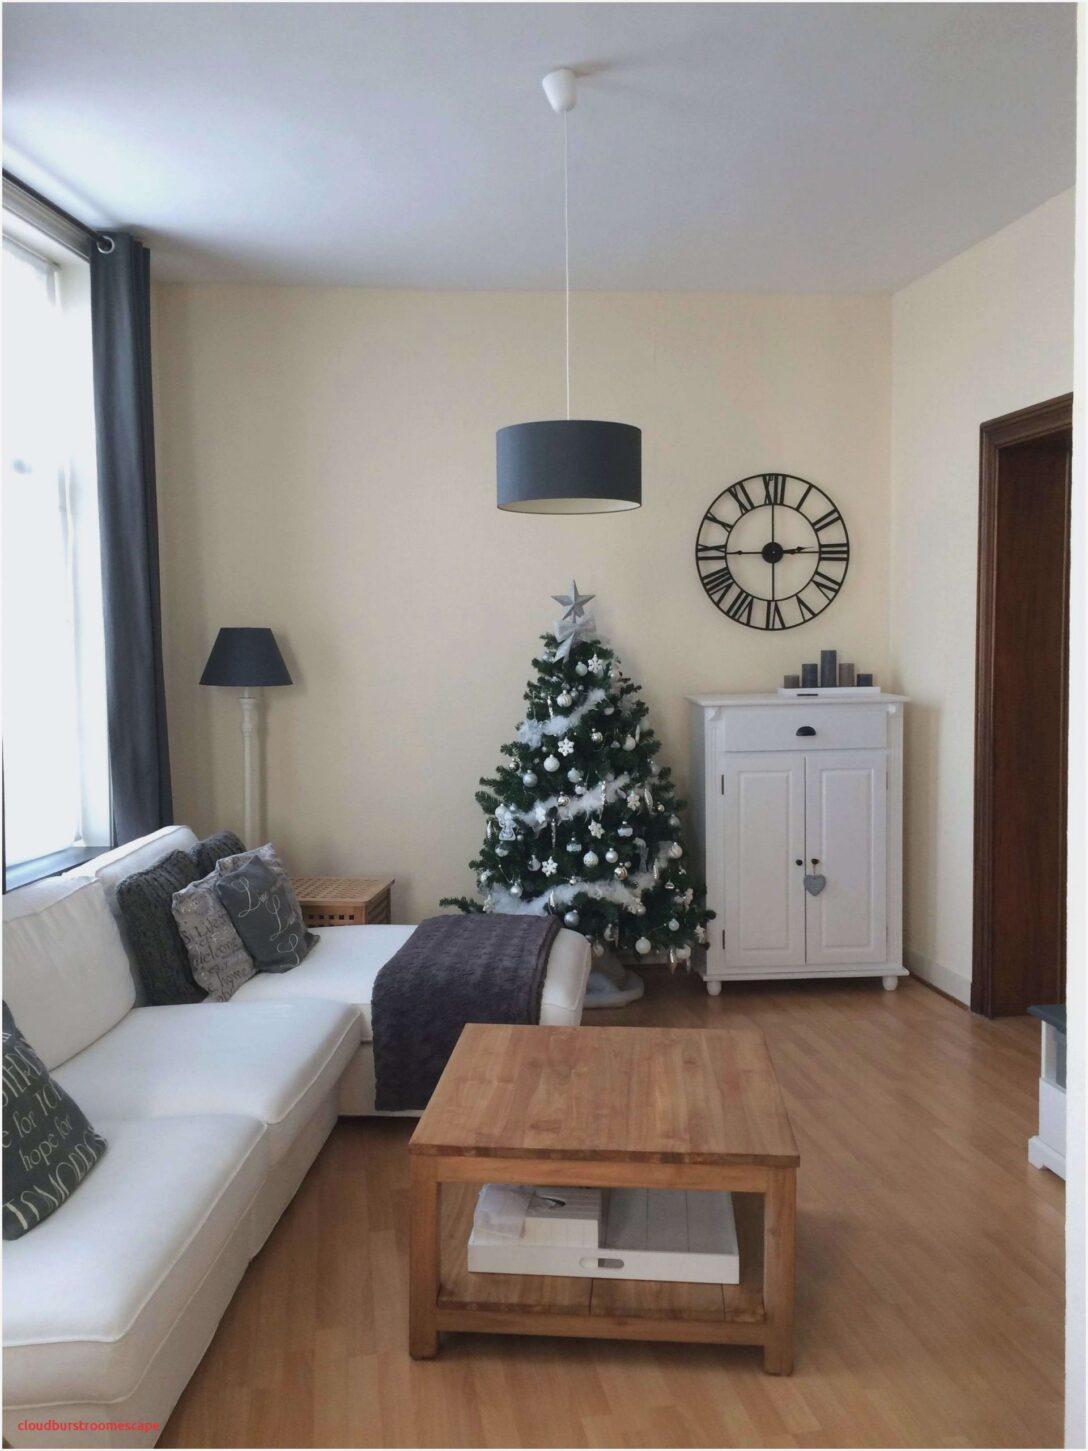 Large Size of Wohnzimmer Lampe Ikea Lampen Decke Stehend Von Leuchten Mit Supernoclegcom Traumhaus Schrank Bad Led Sofa Schlaffunktion Schlafzimmer Hängeleuchte Wohnzimmer Wohnzimmer Lampe Ikea